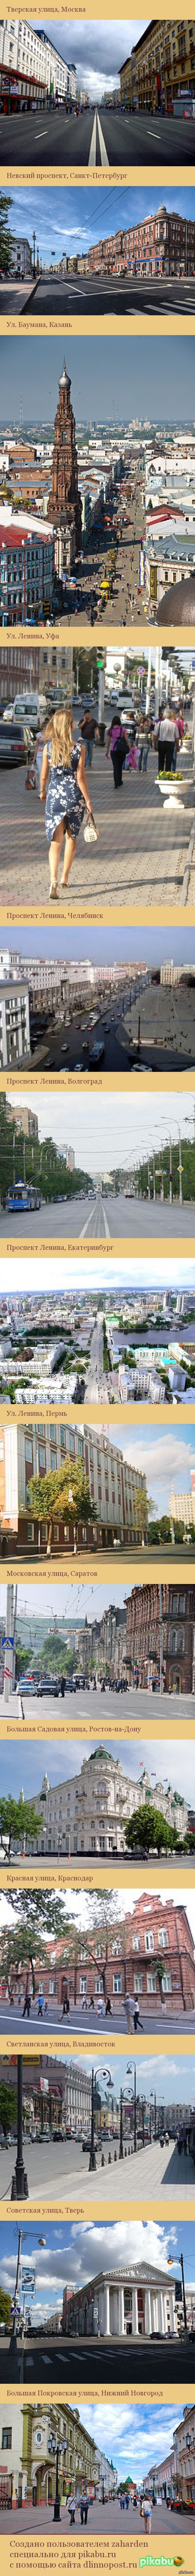 Главные улицы российских городов. По мнению Википедии - это главные улицы в этих городах, может , кто не согласен? ( Фото тоже оттуда, извиняюсь за качество)